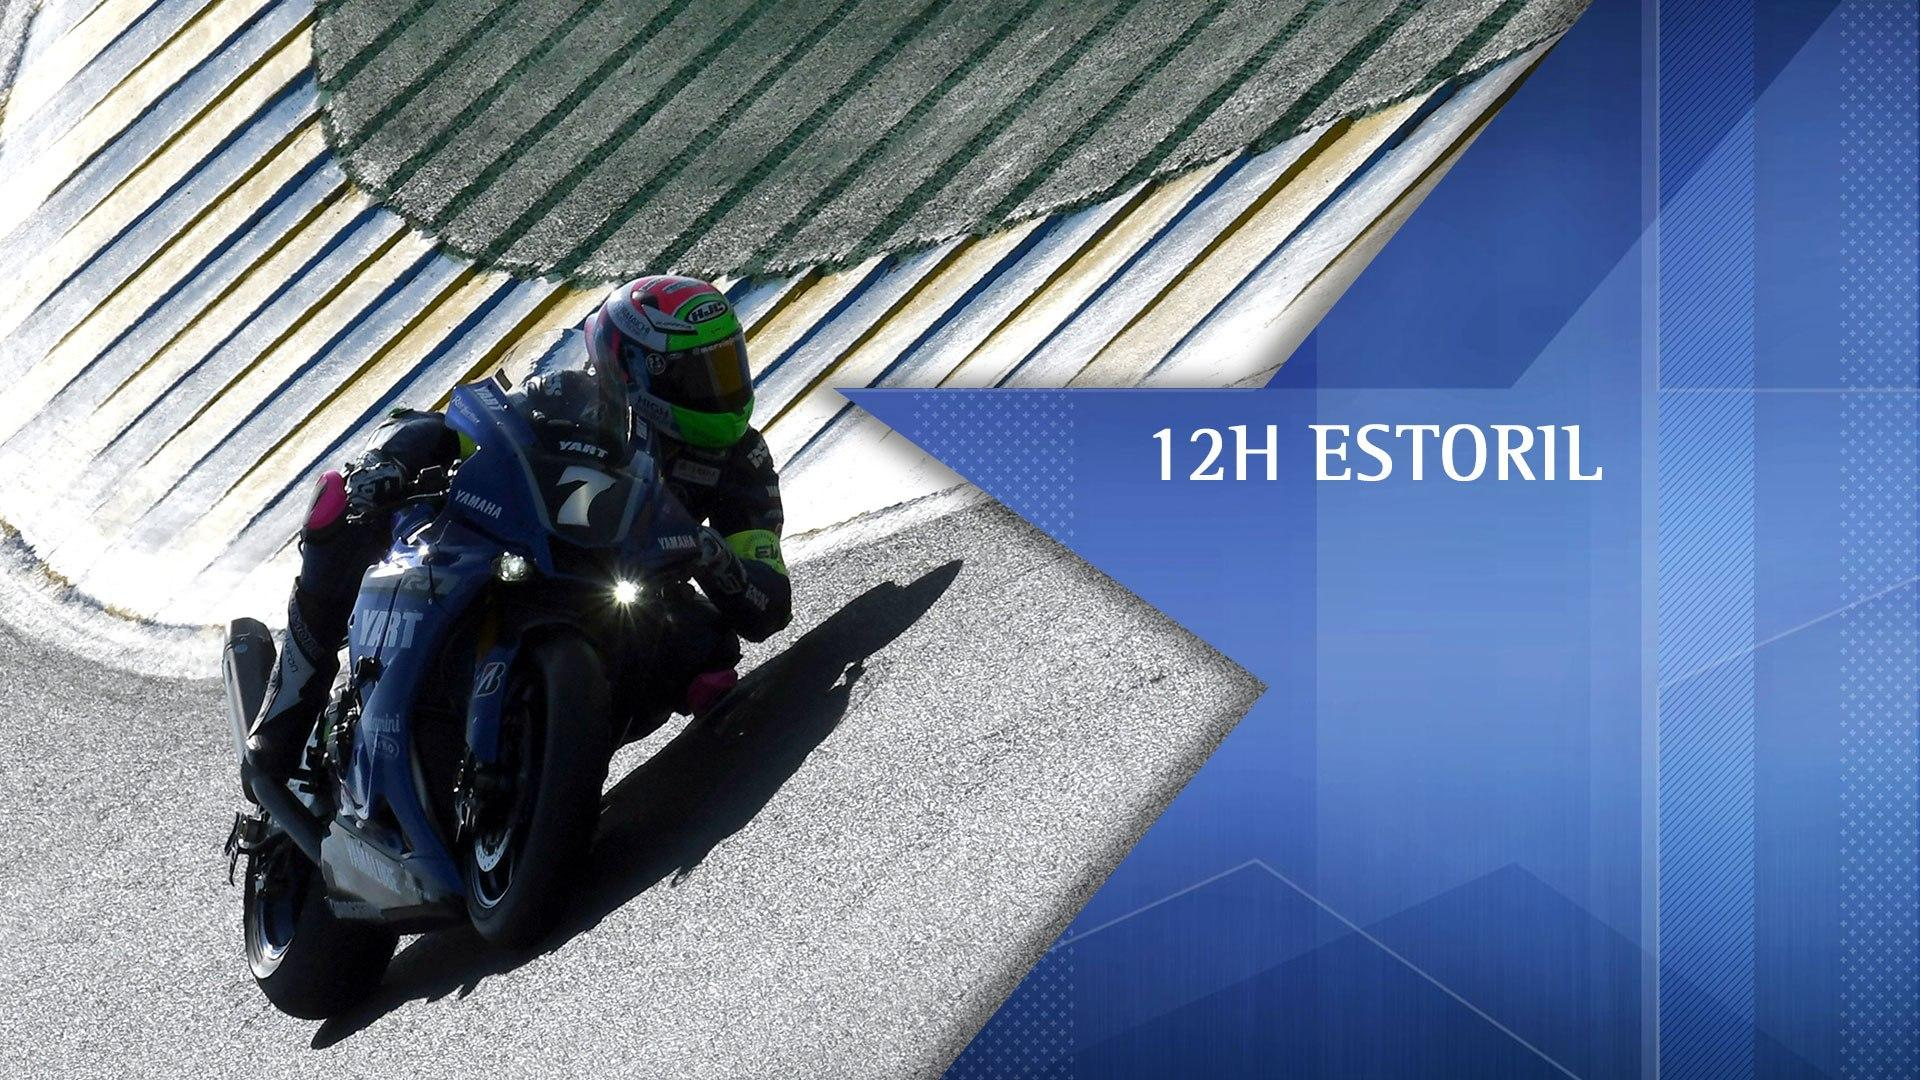 12h Estoril